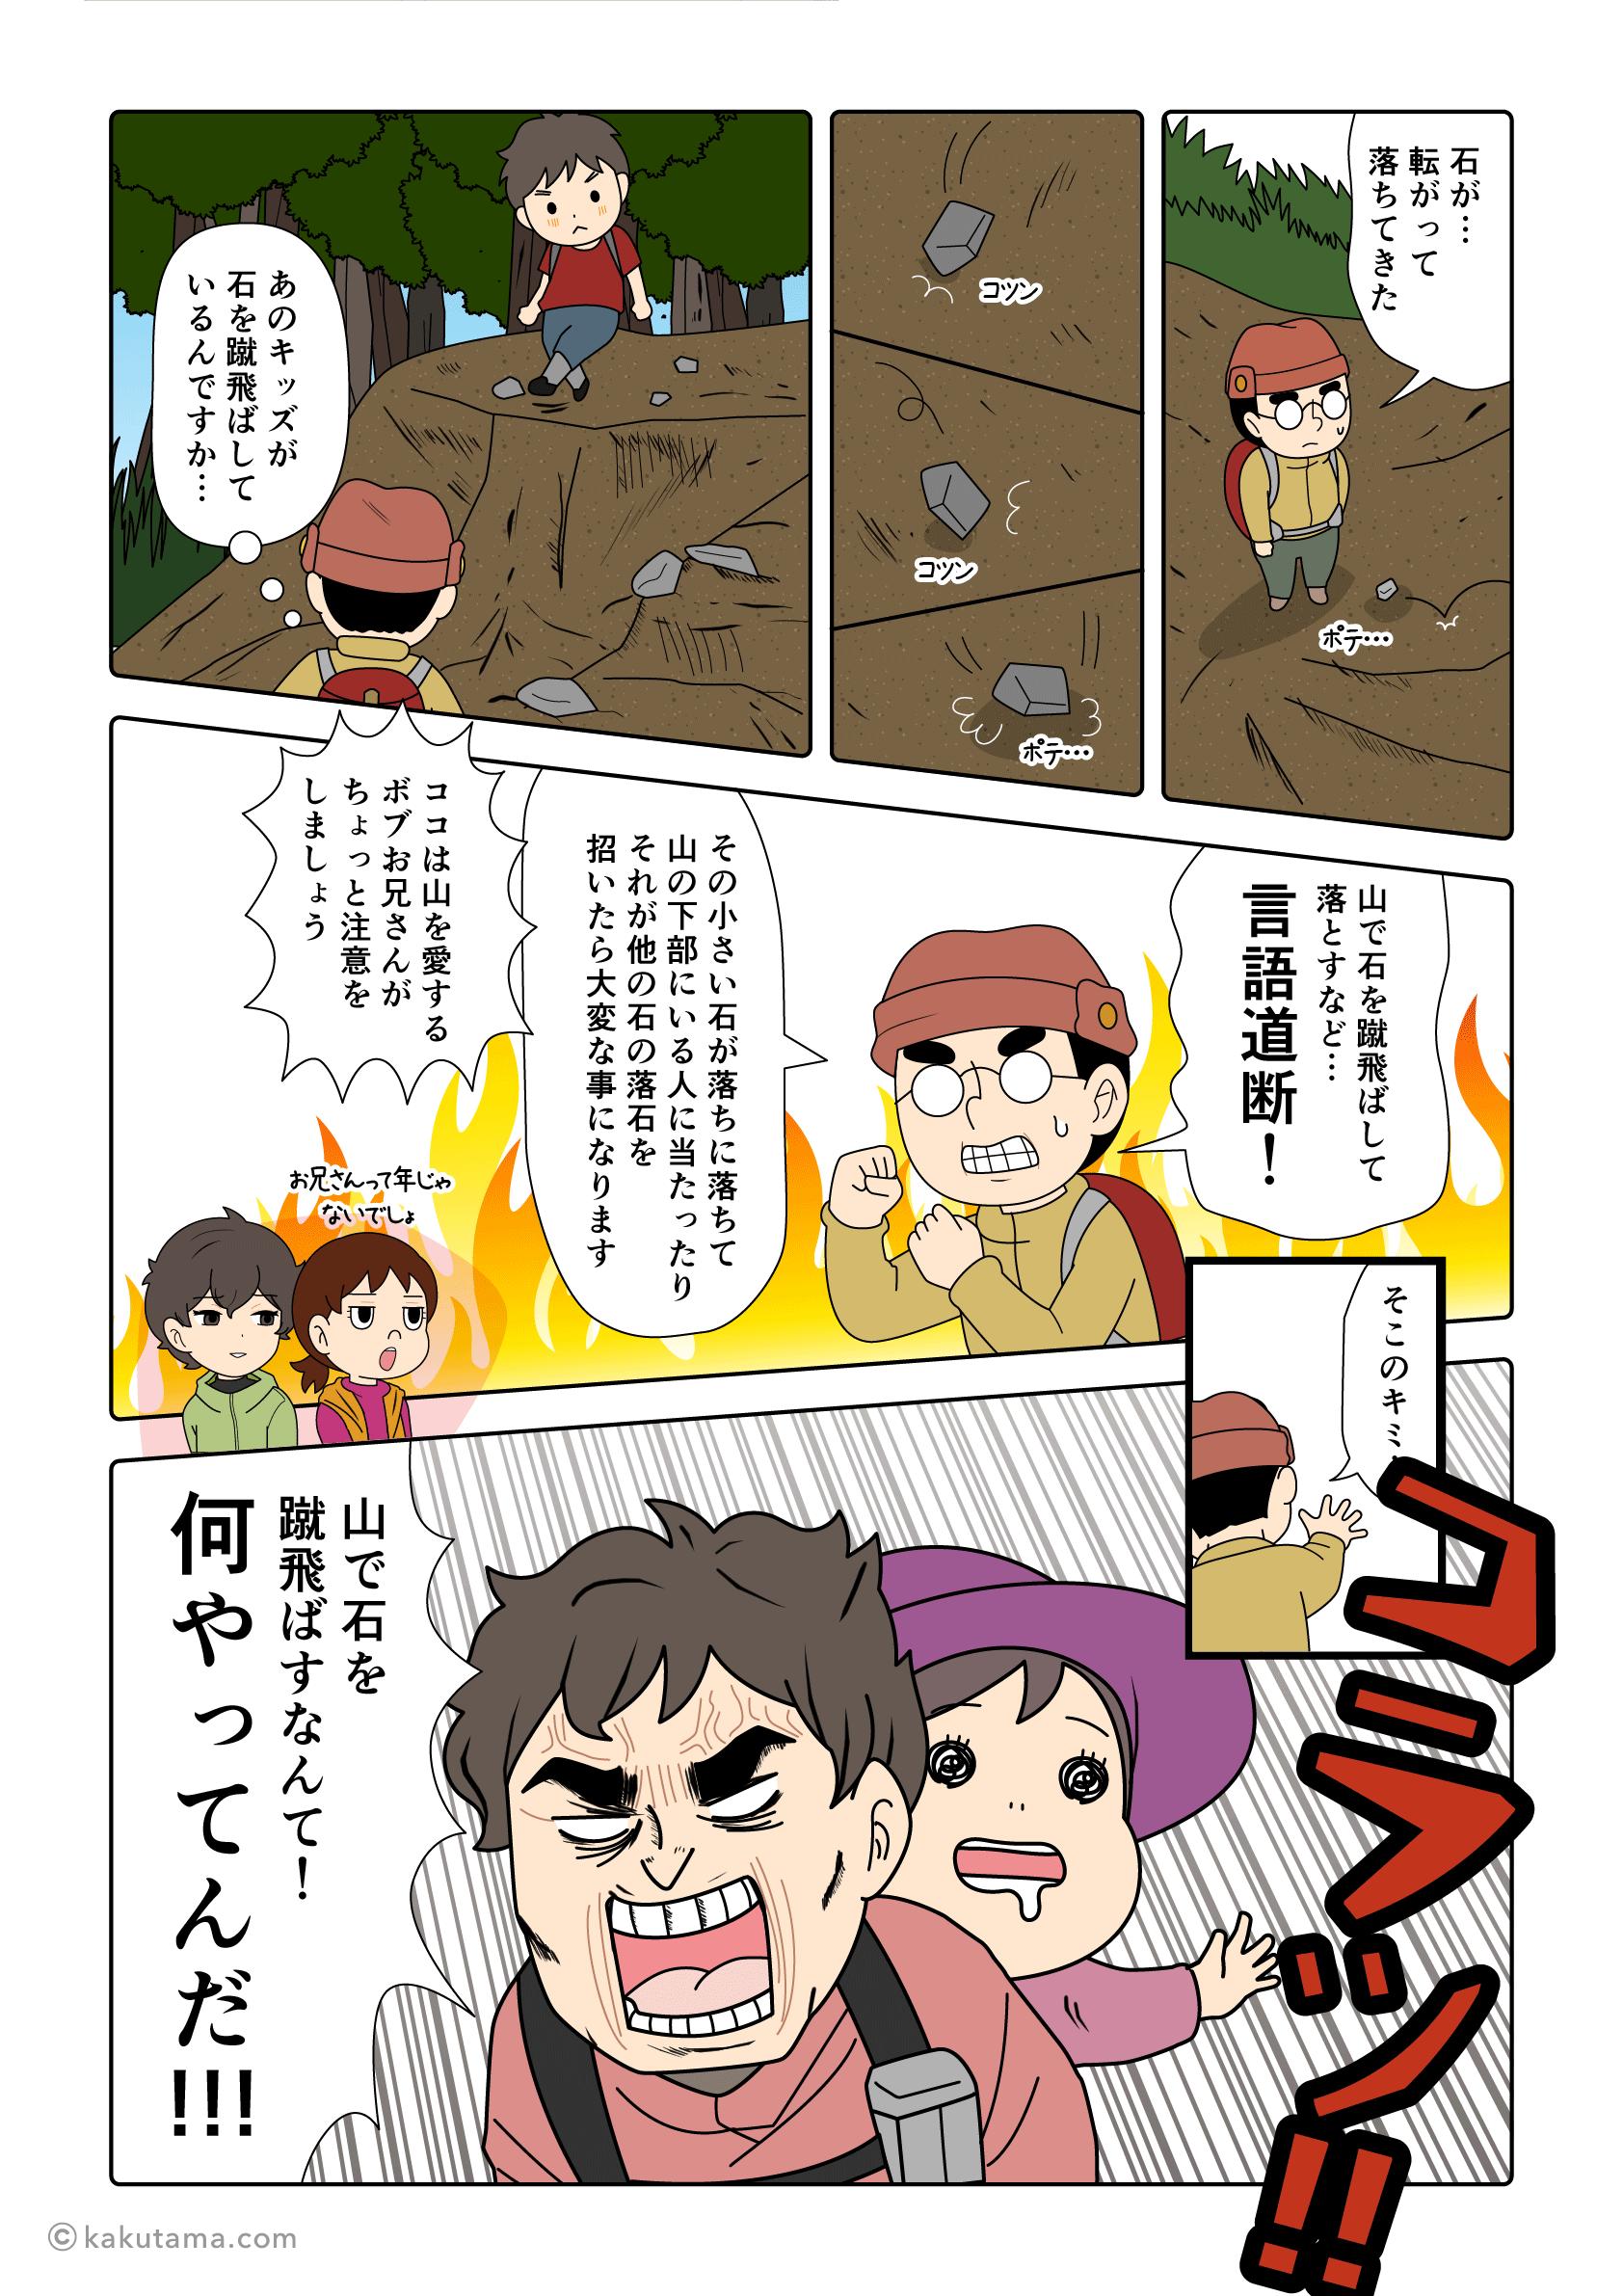 登山道で石を蹴飛ばしている子どもの漫画